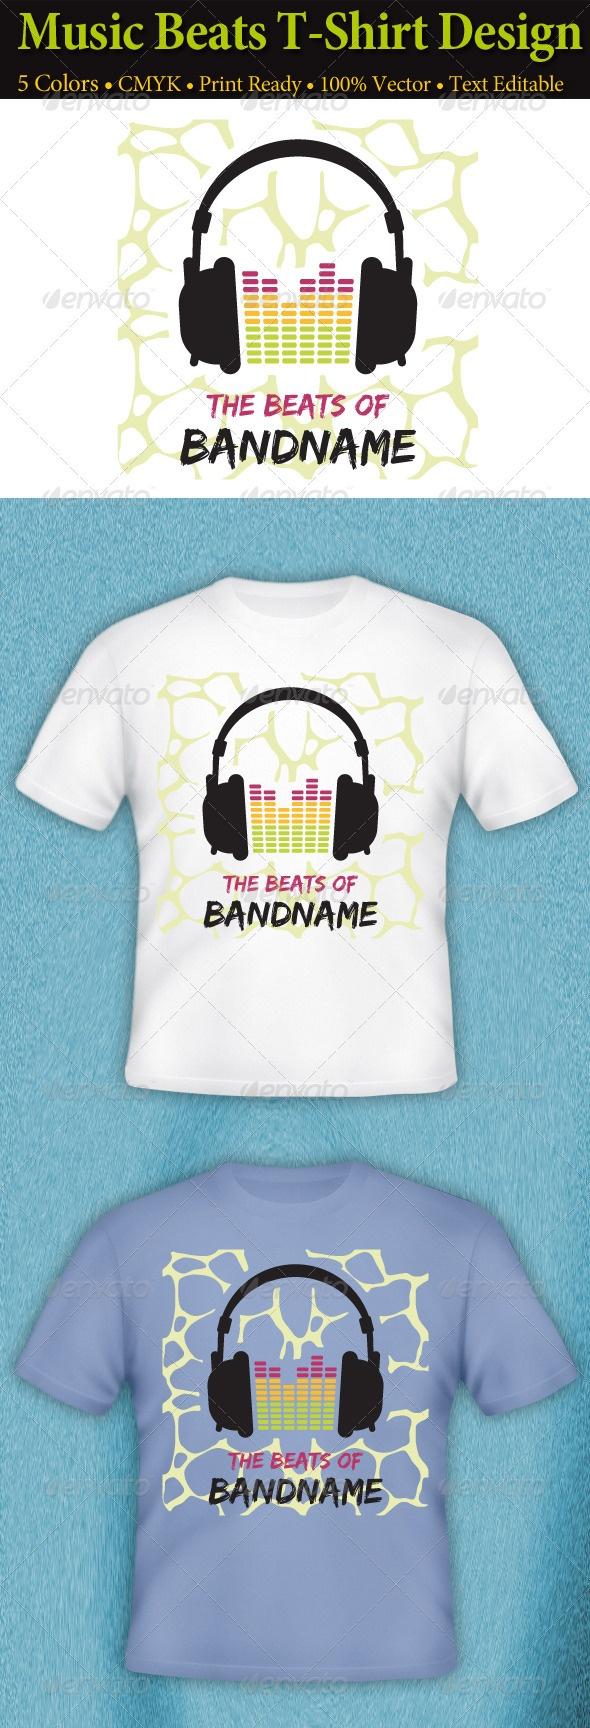 White t shirt design ideas - Music Beats T Shirt Design